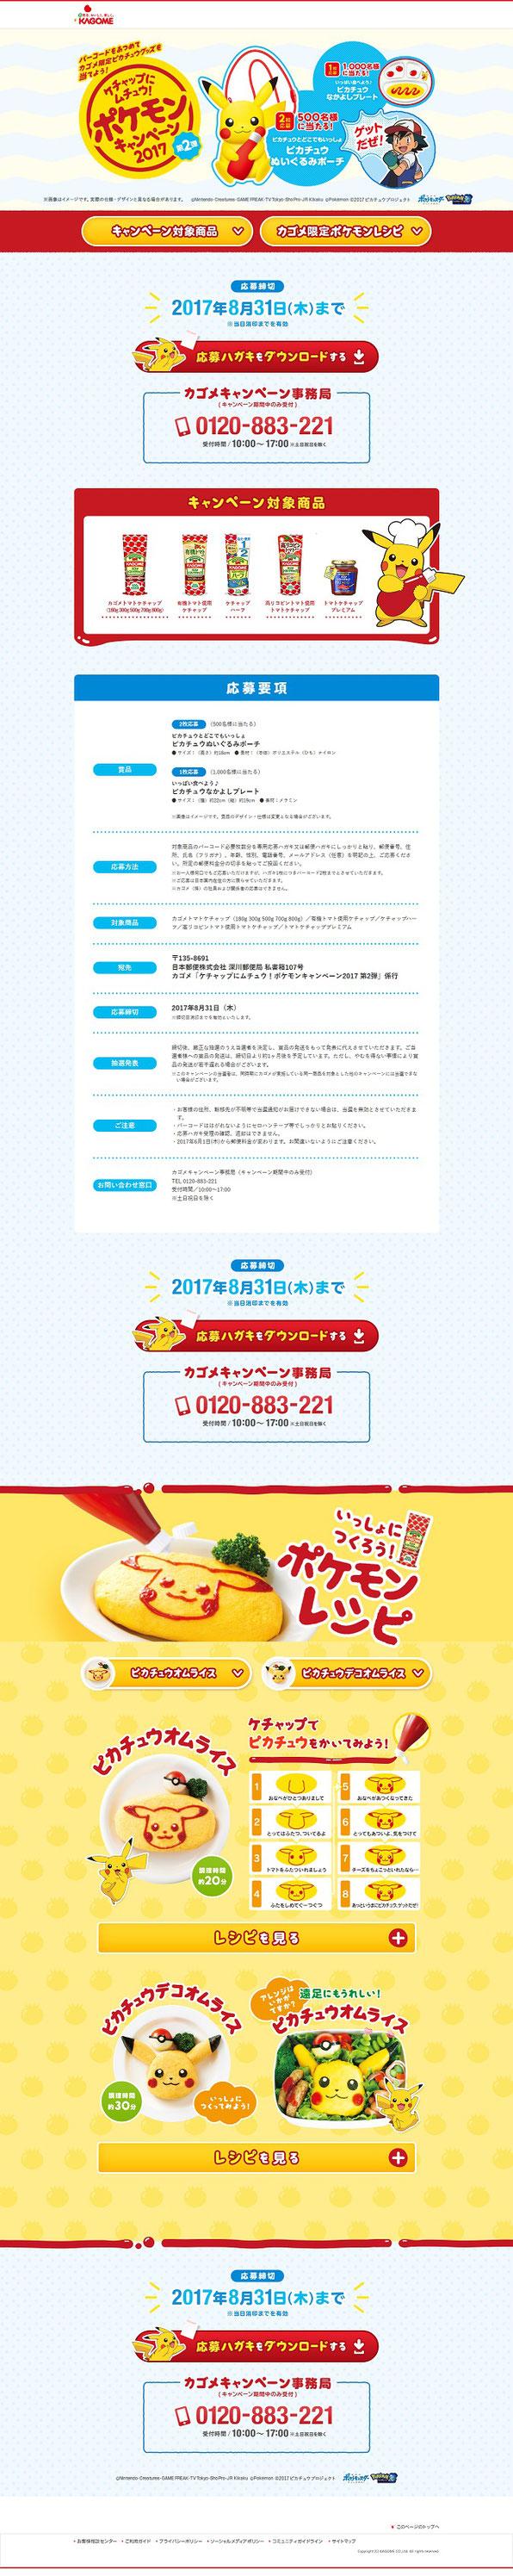 【カゴメ】ポケモンキャンペーン2017 第2弾